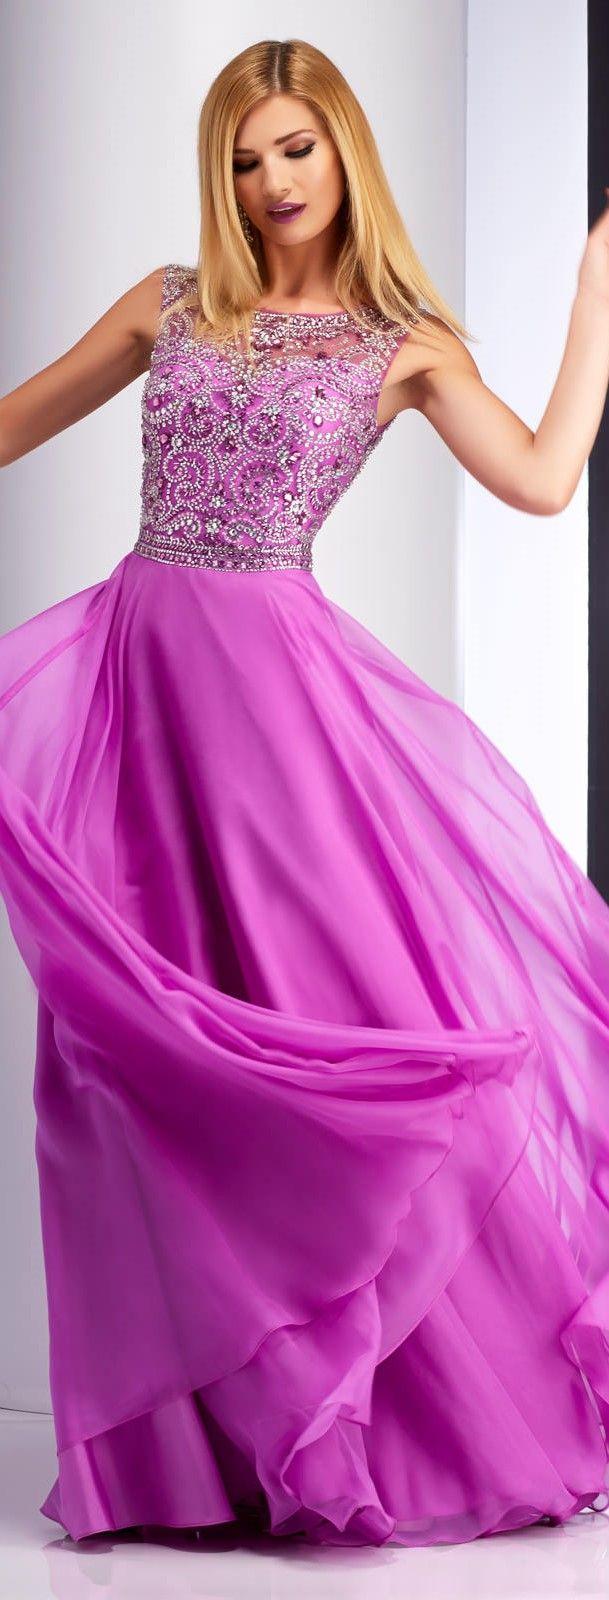 Clarisse Sparkling A-line Prom Dress 2838 | Vestidos para fiesta de ...